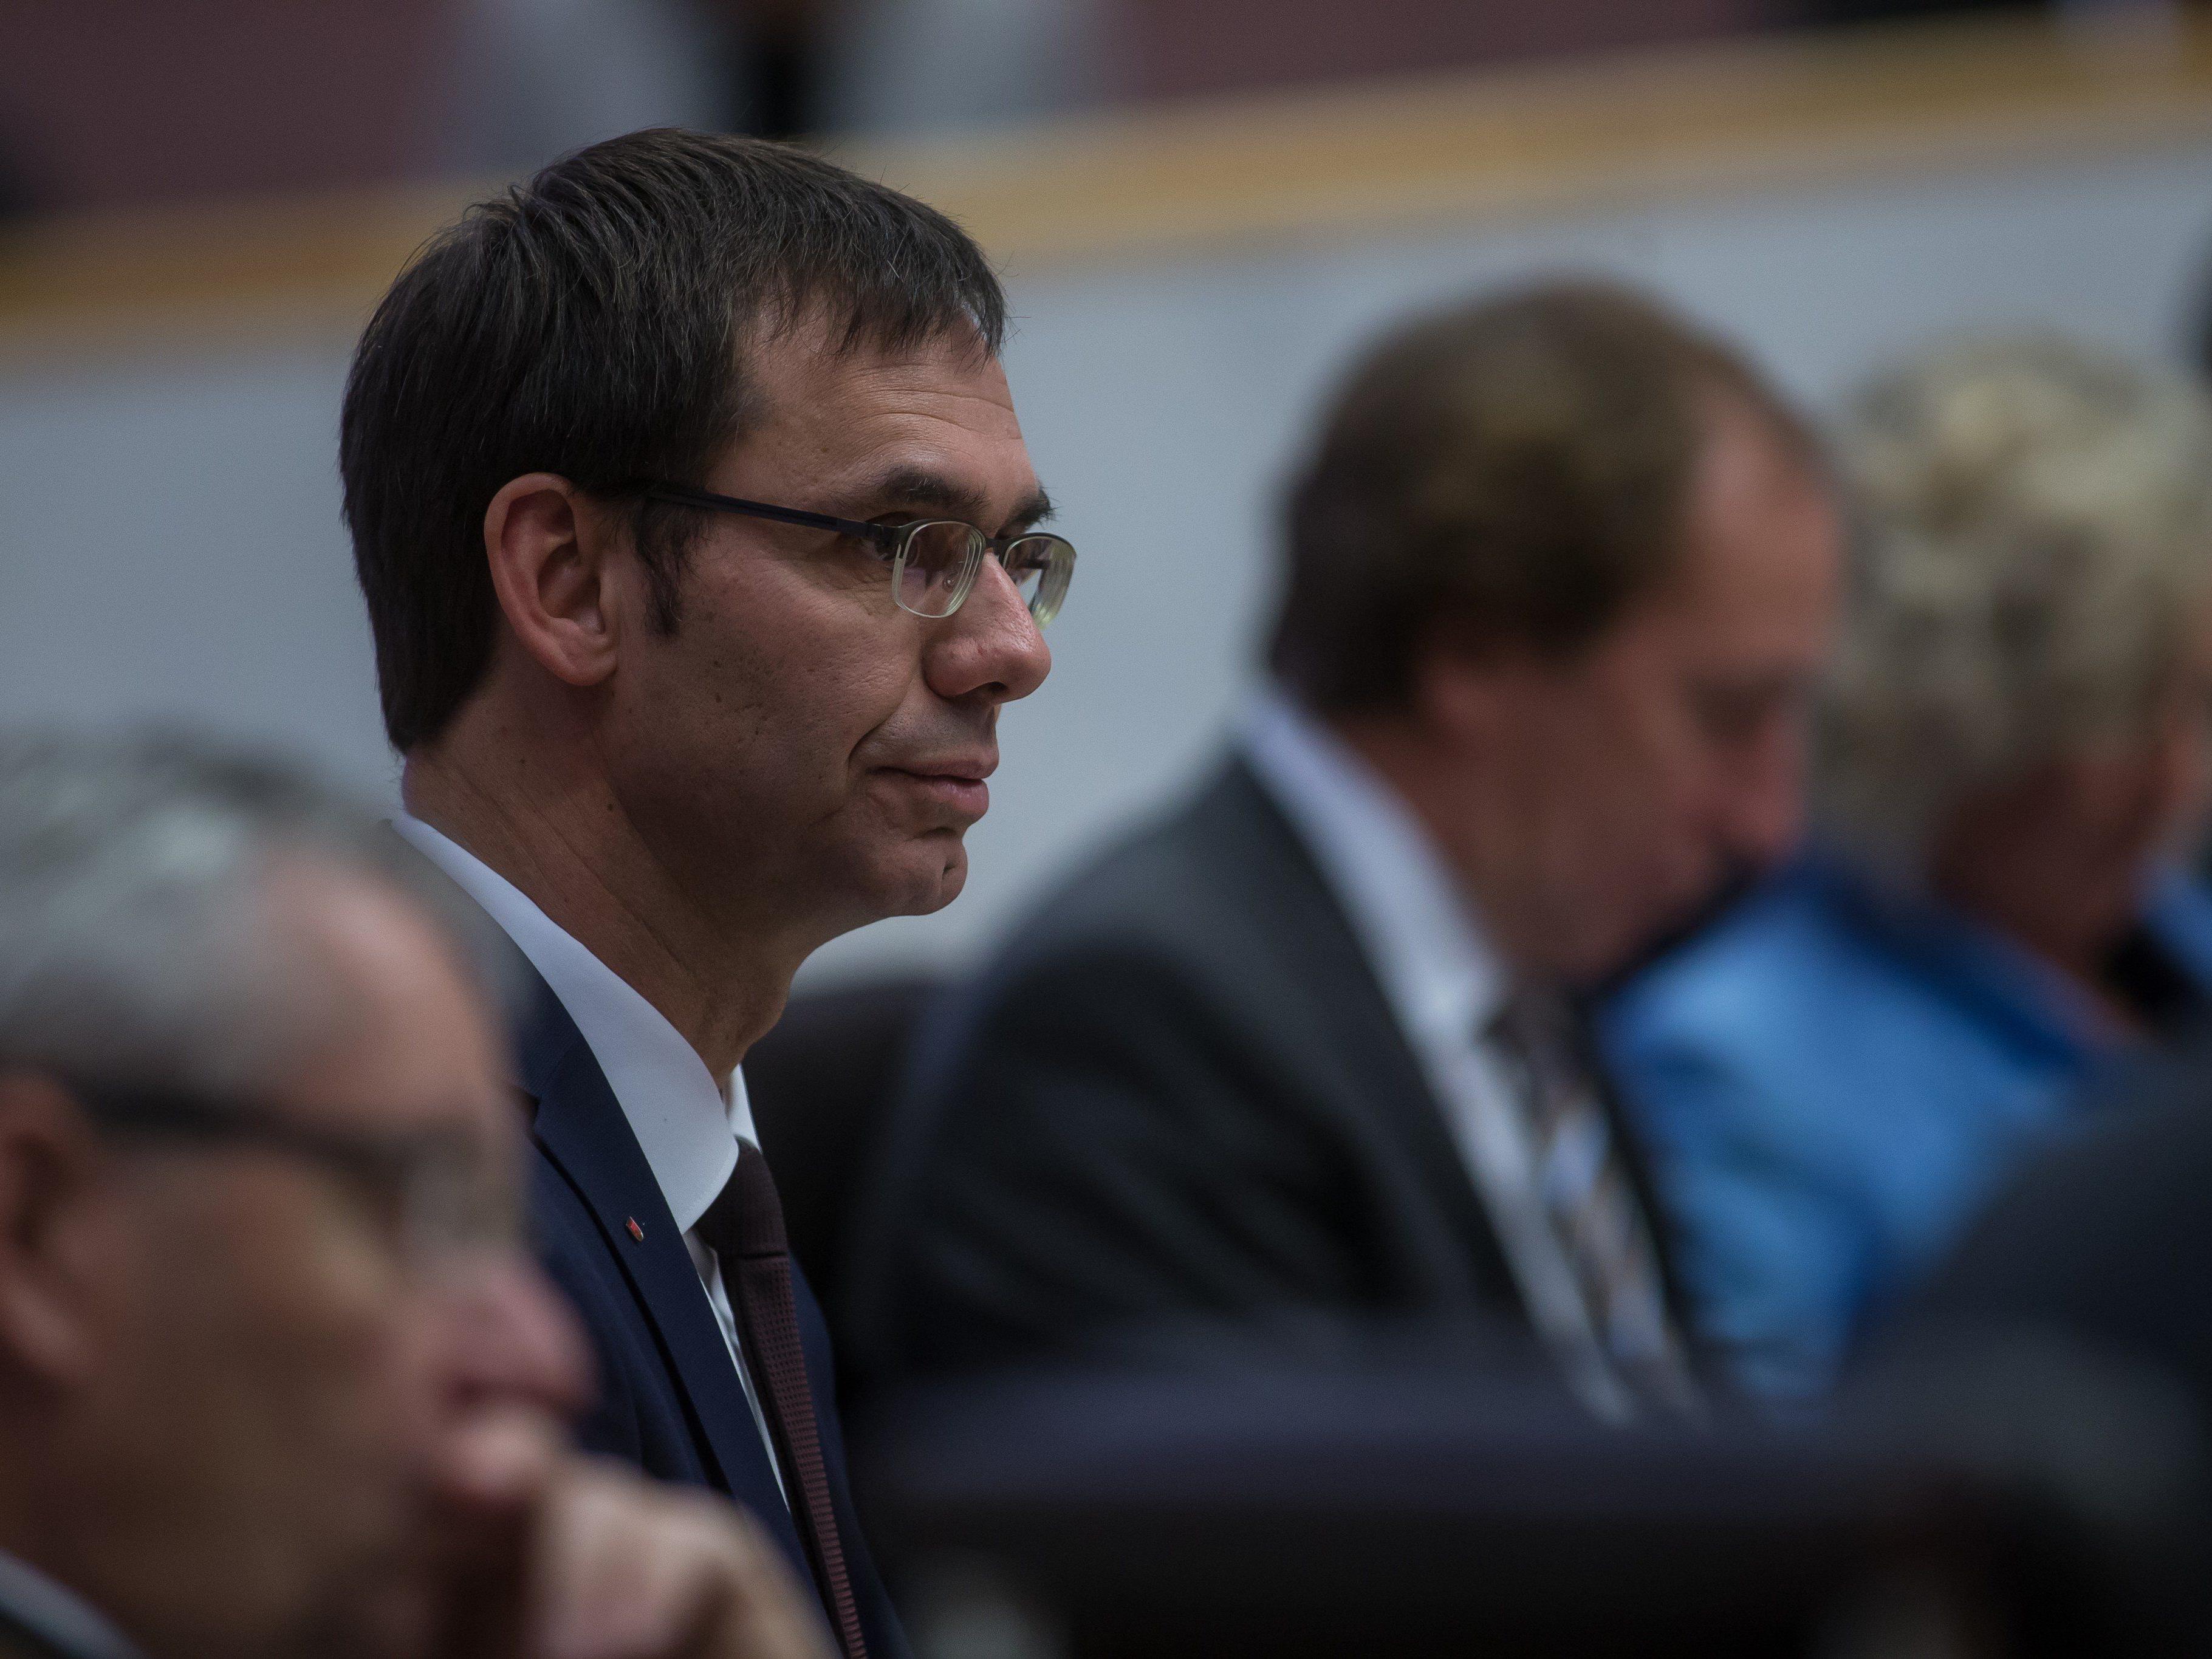 SPÖ, FPÖ, NEOS und Grüne verlangten politische Konsequenzen von den ÖVP-Bürgermeistern.